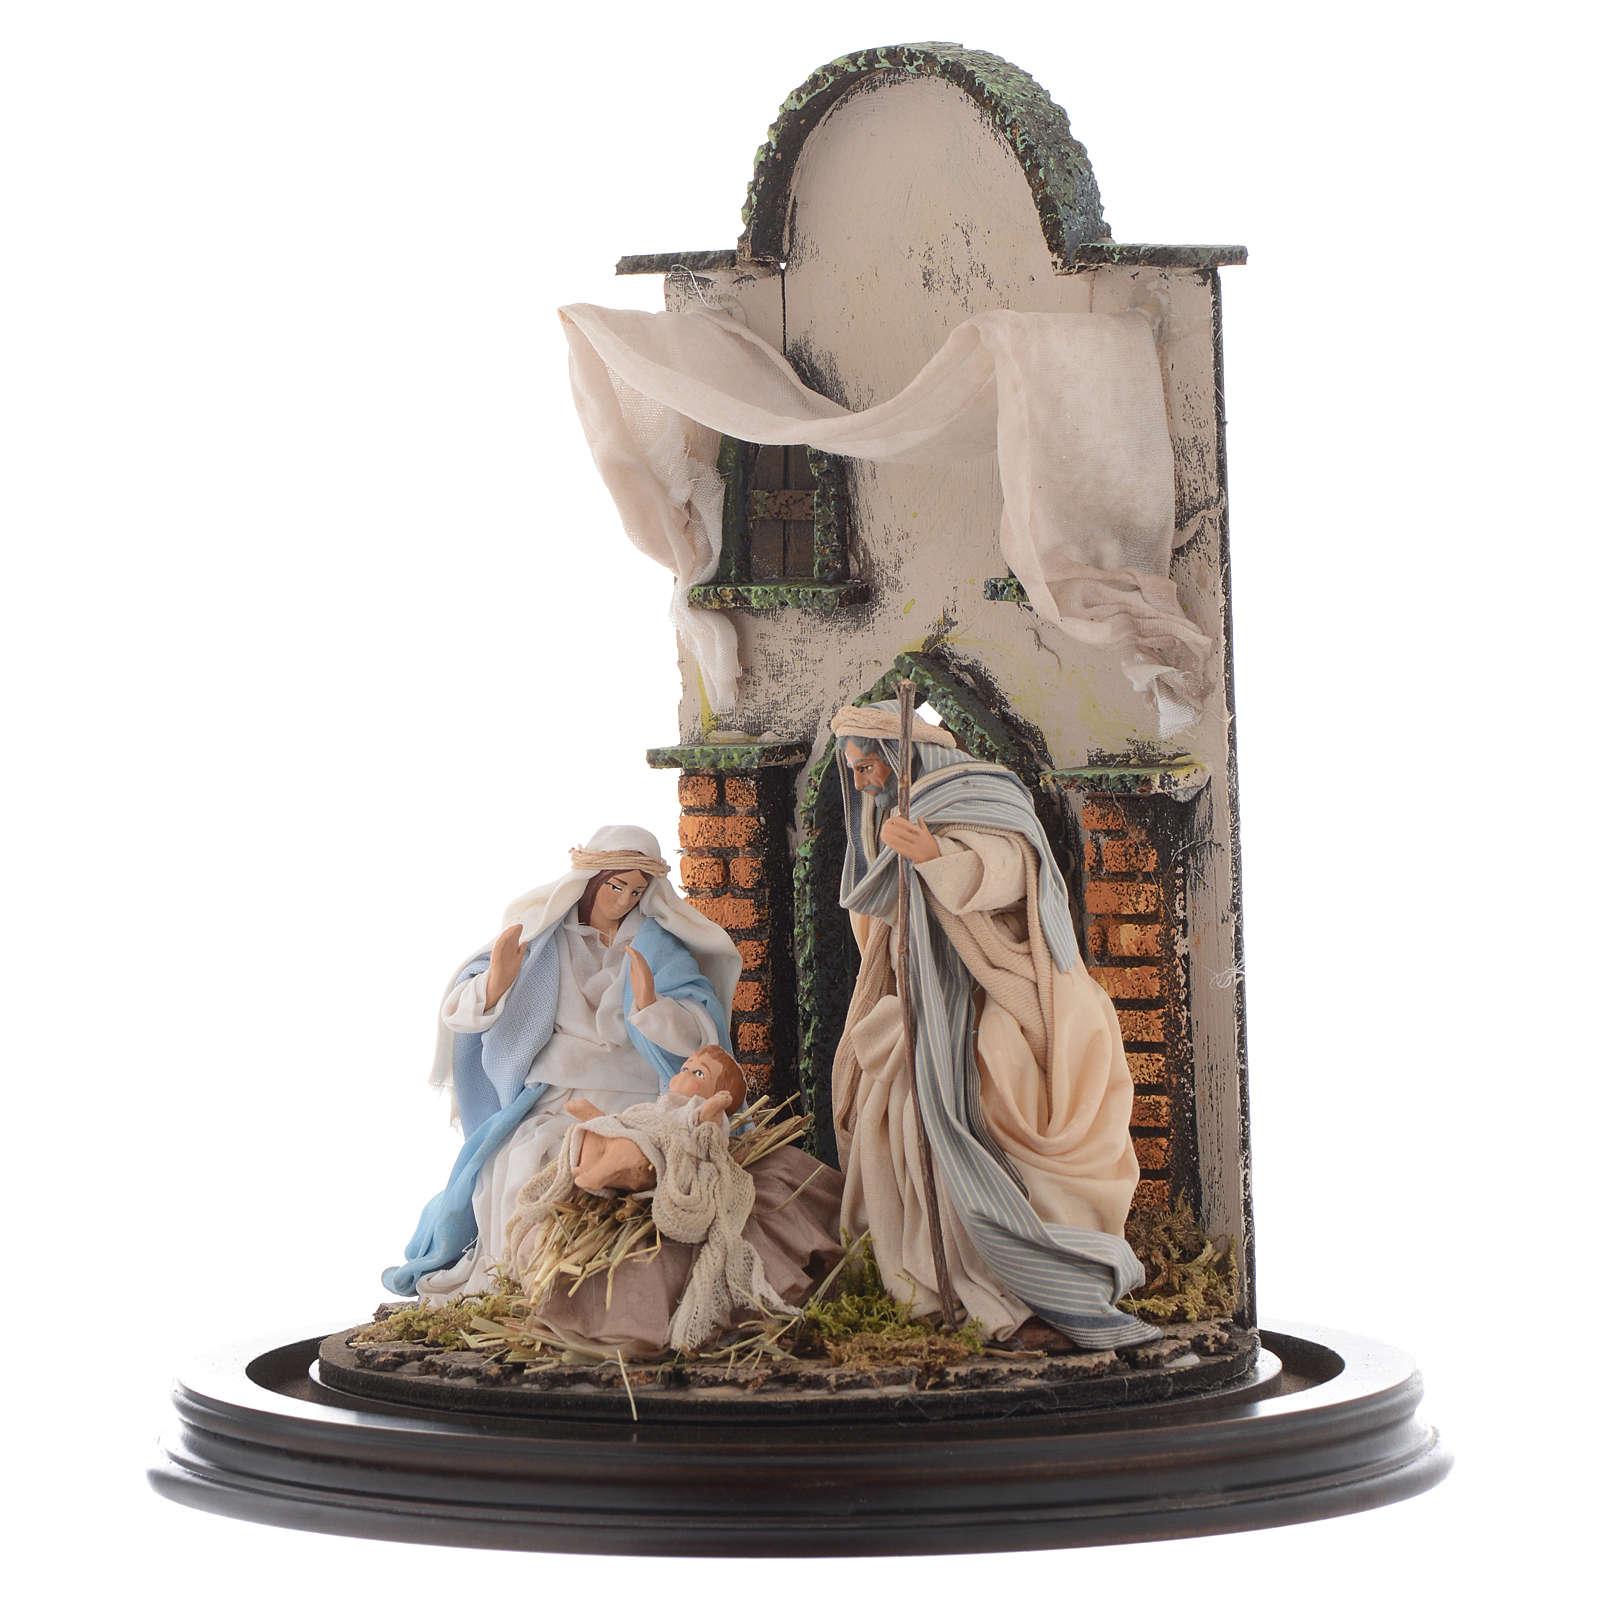 Natività presepe Napoli 30x25 cm con cupola vetro in stile arabo 4